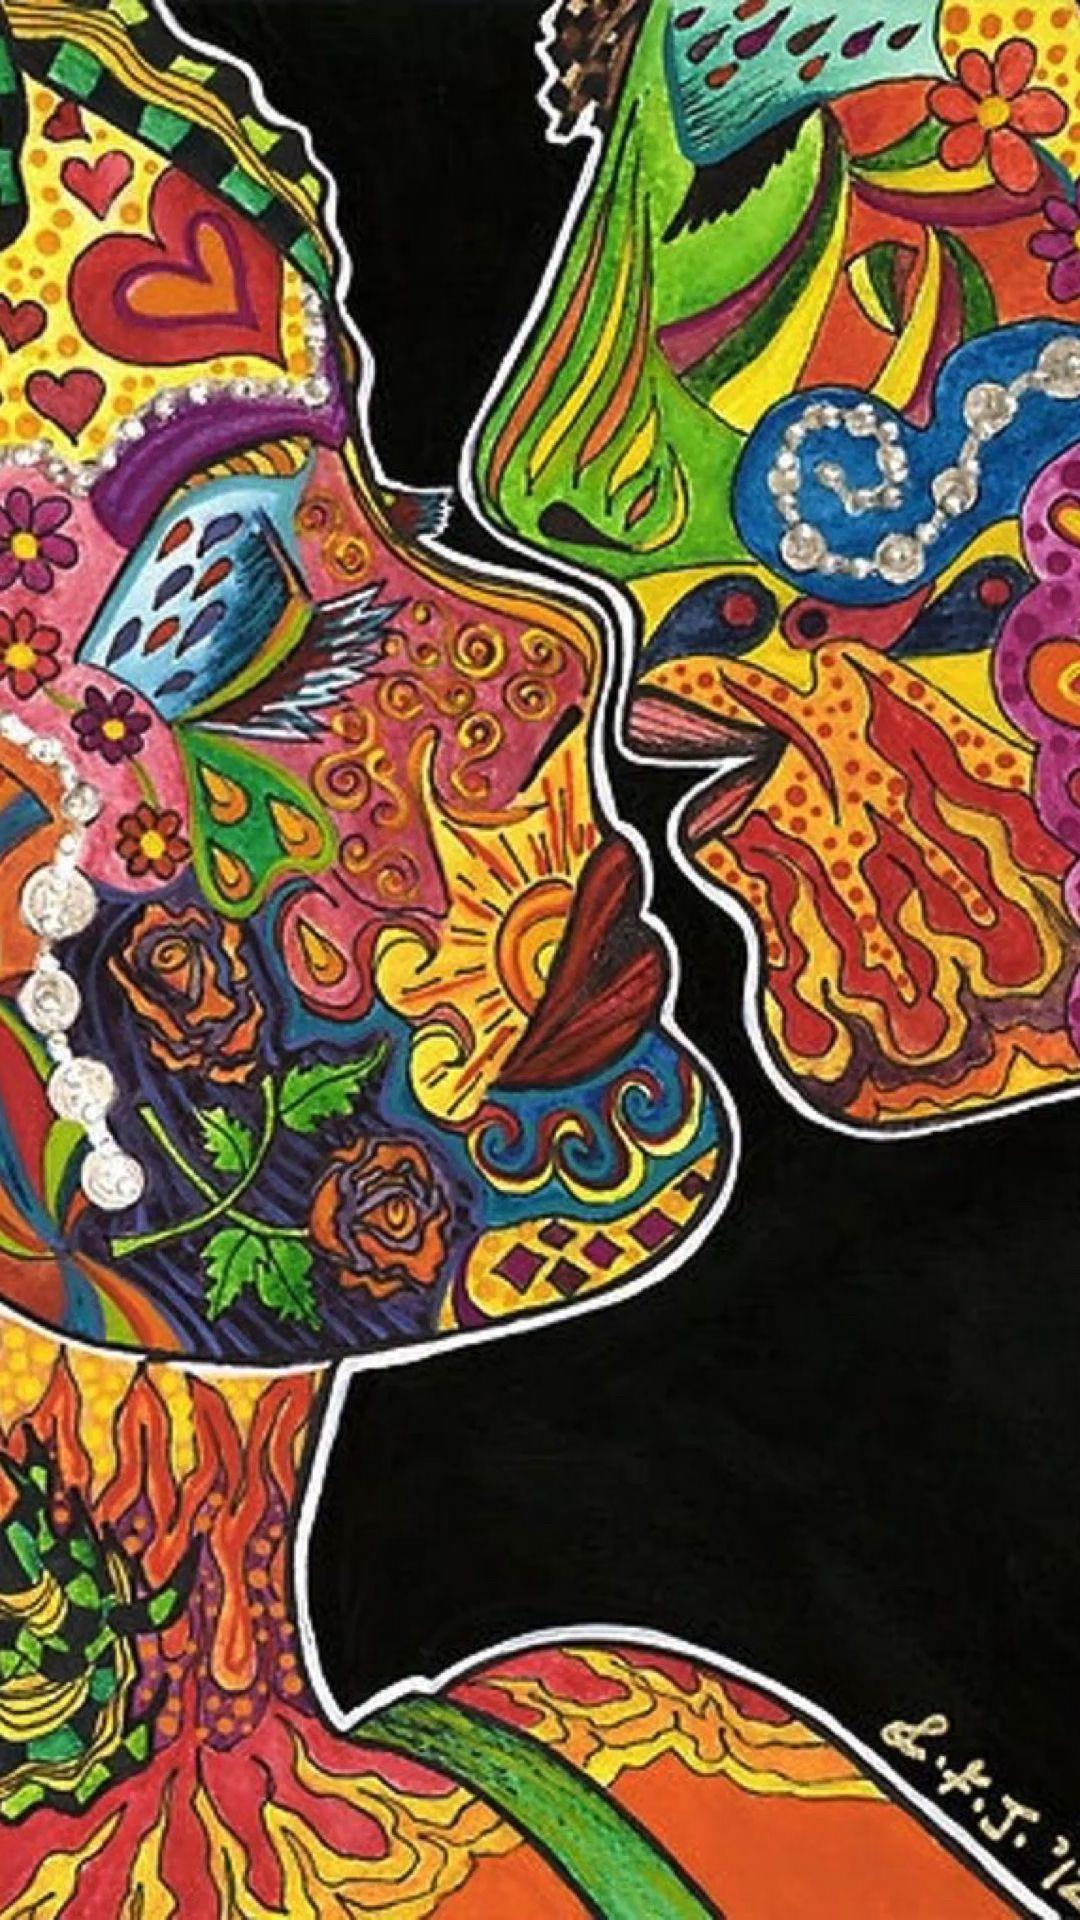 PSYCHEDELIC ART APPRECIATION